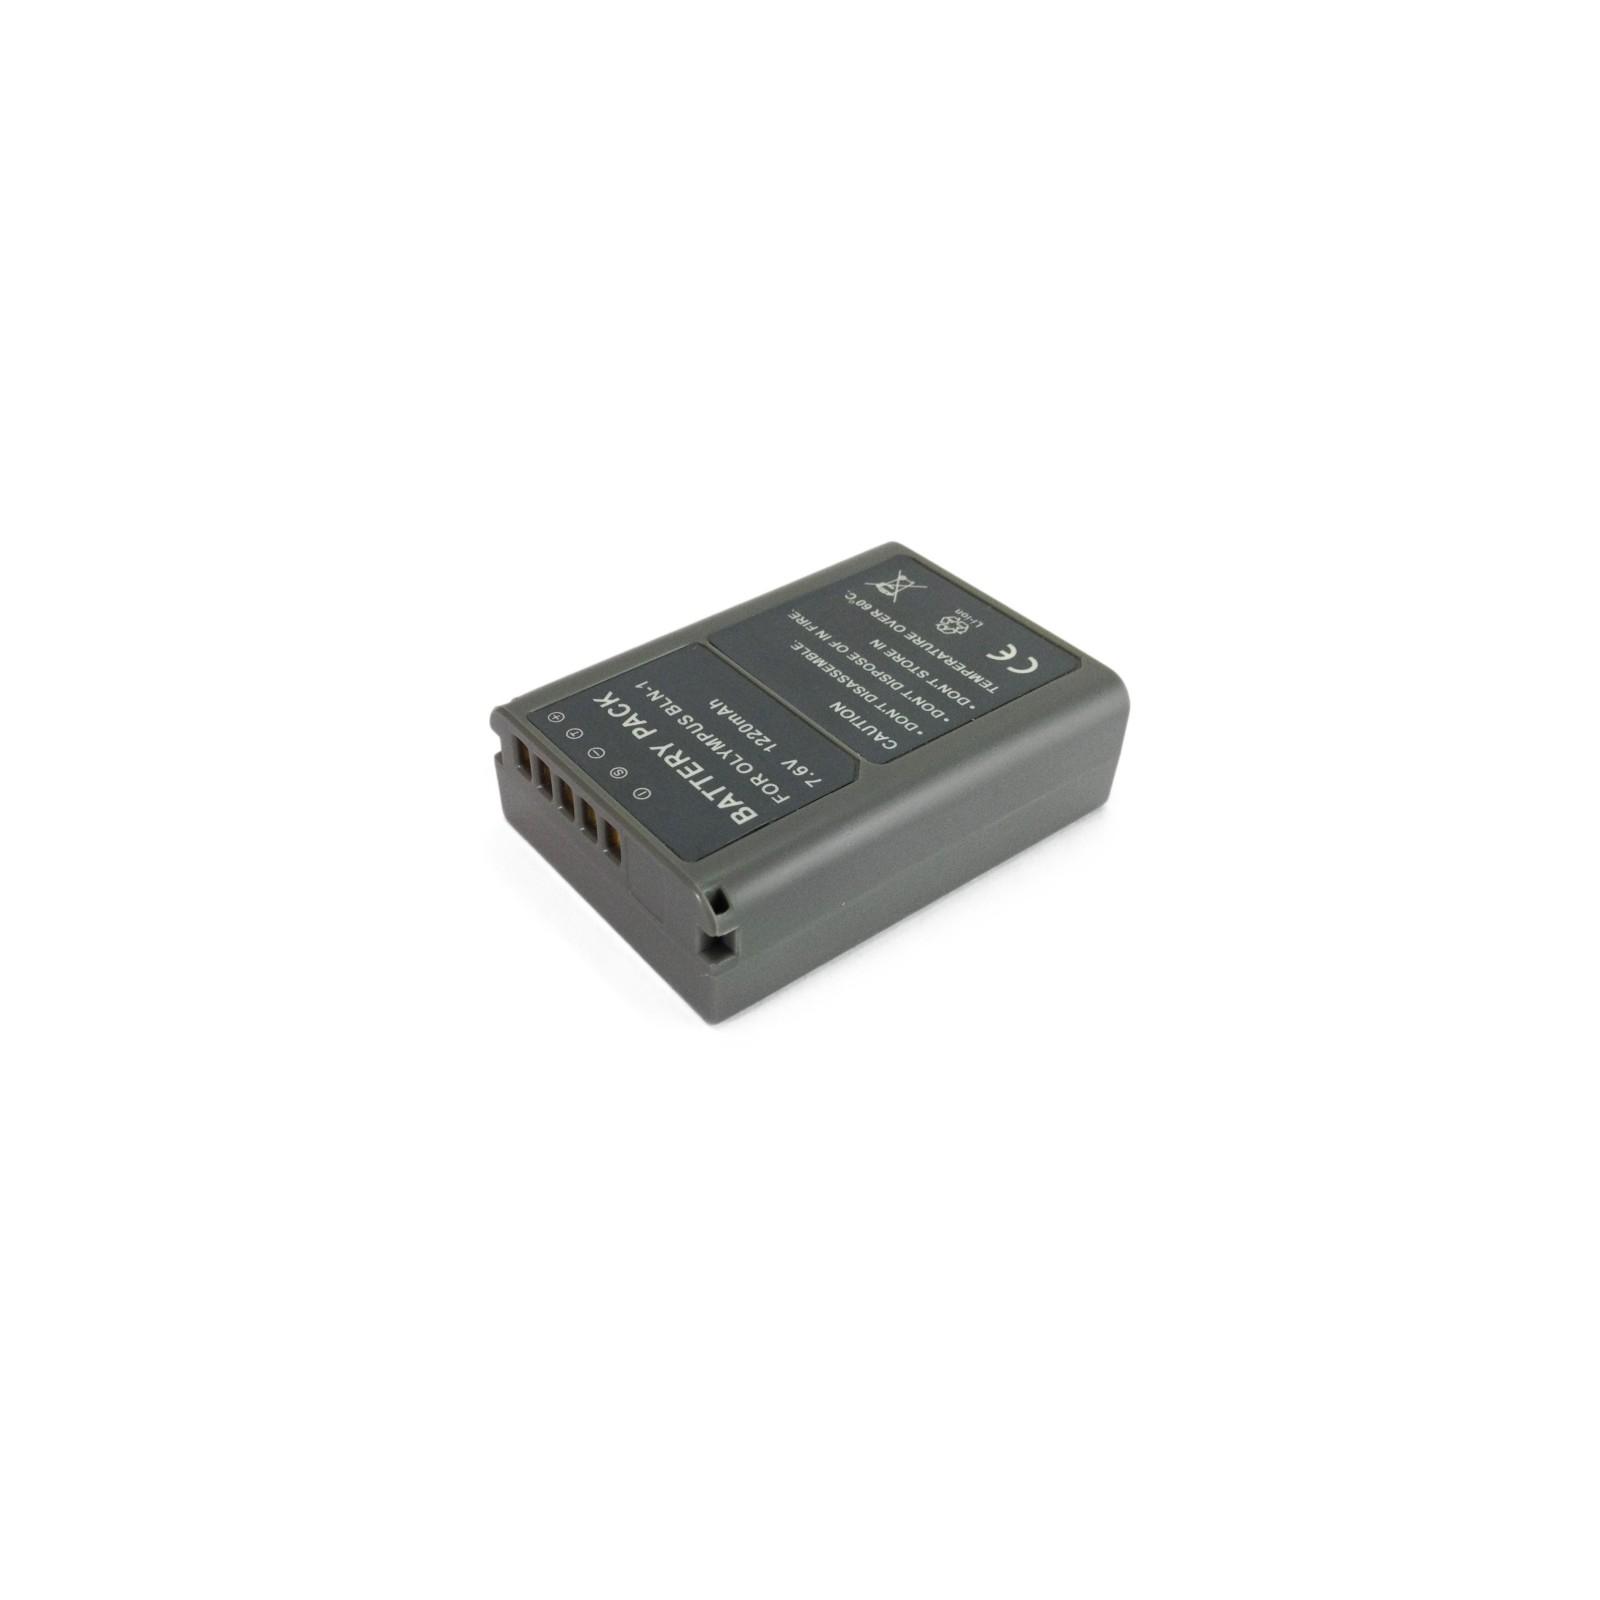 Аккумулятор к фото/видео EXTRADIGITAL Olympus PS-BLN1 (DV00DV1373) изображение 5